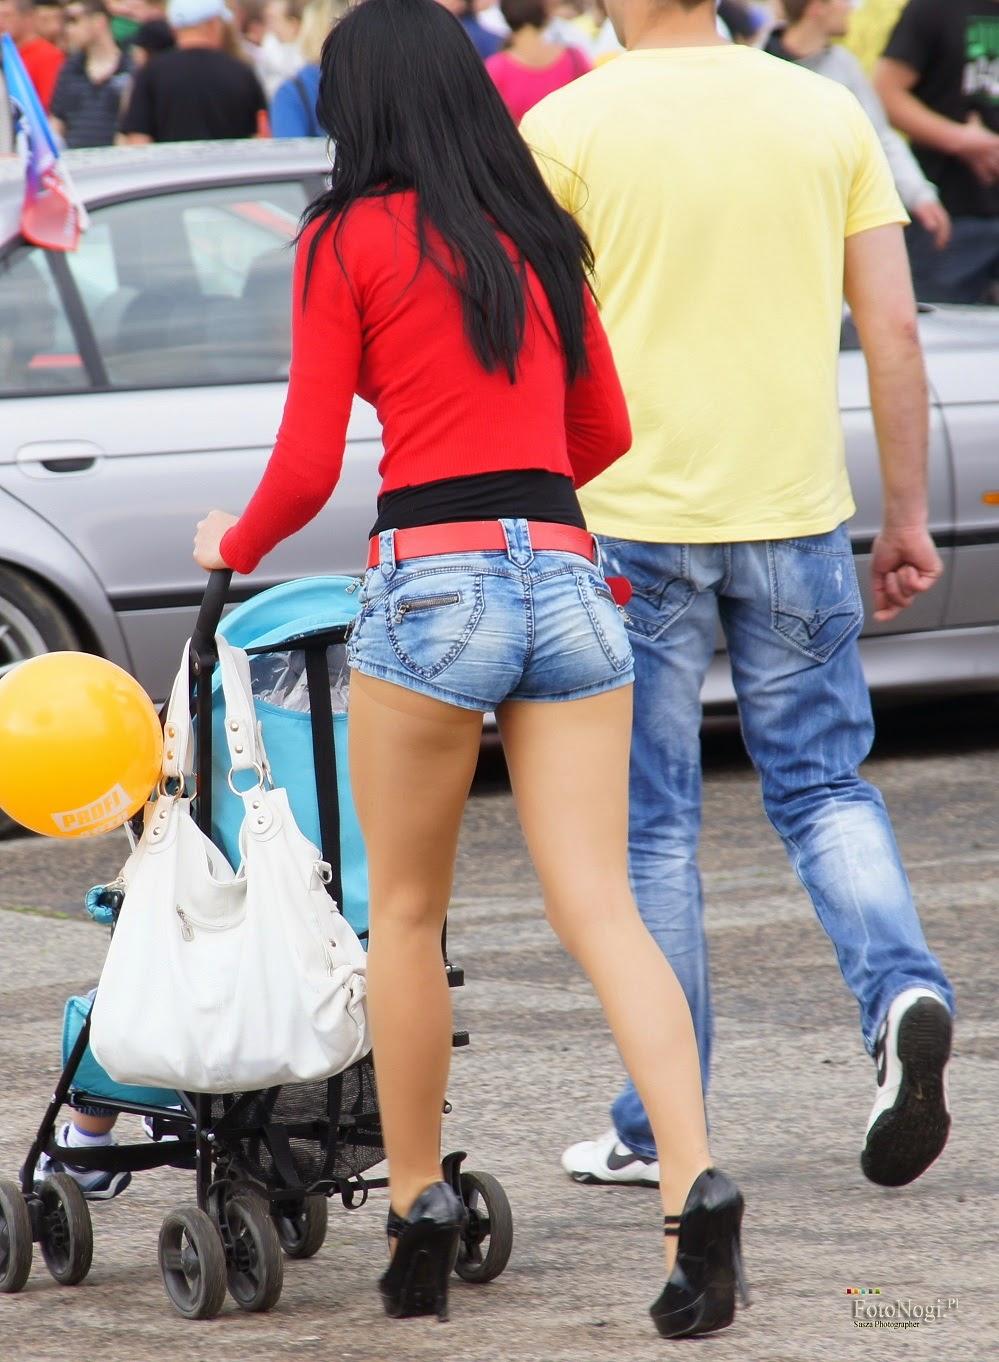 Voyeur mujeres en tiendas